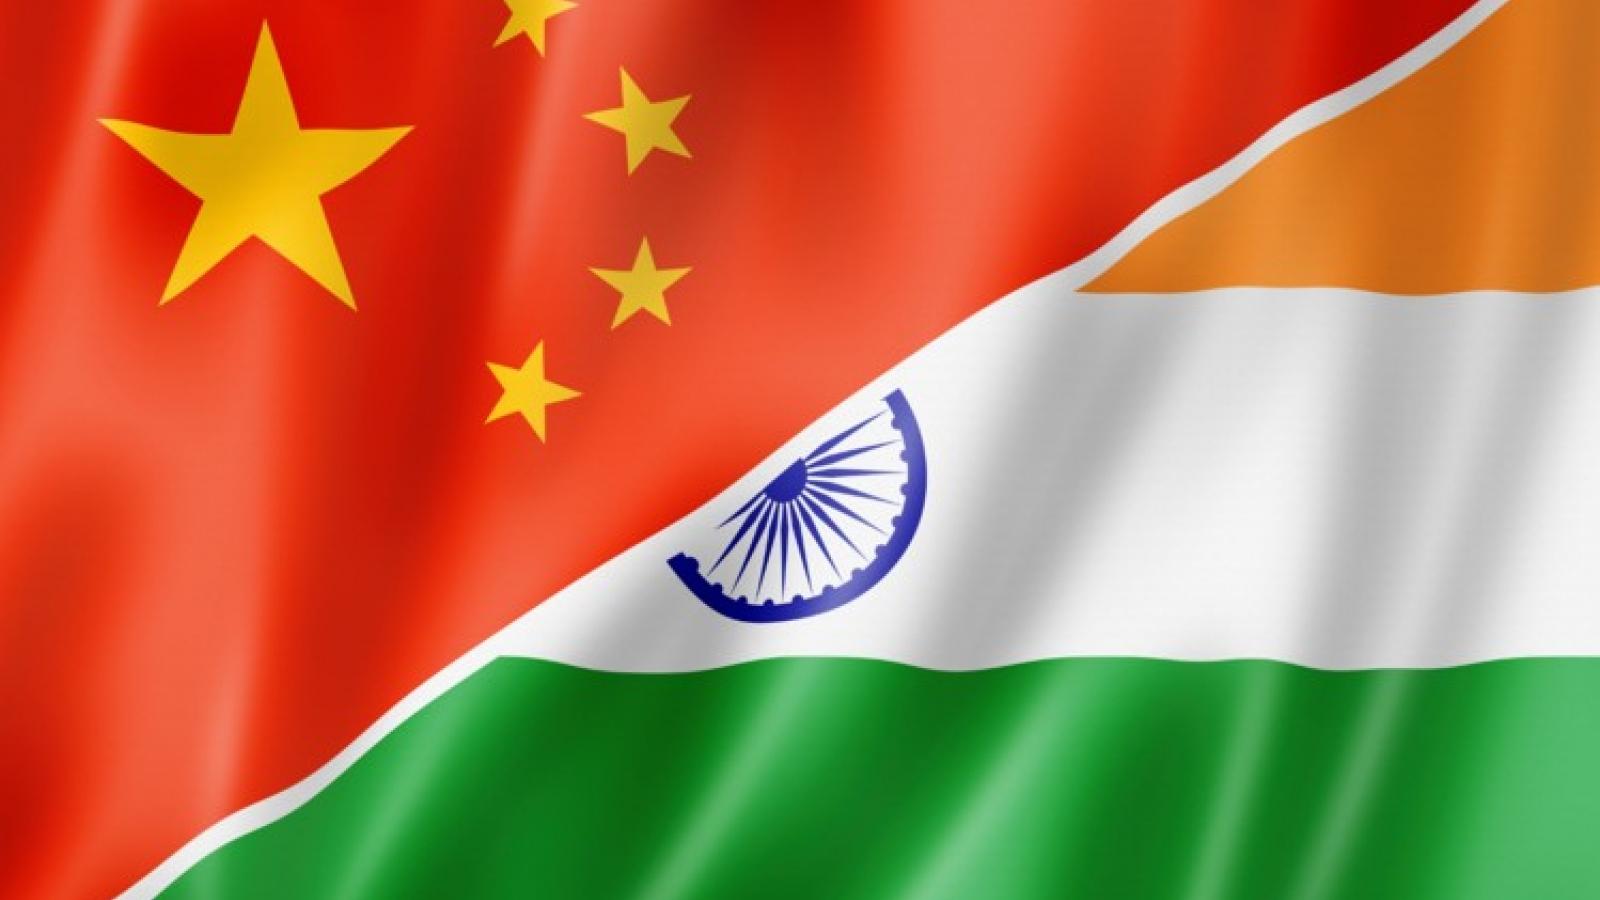 """Hậu căng thẳng biên giới: Quan hệ Ấn Độ - Trung Quốc chuẩn bị """"tan băng""""?"""